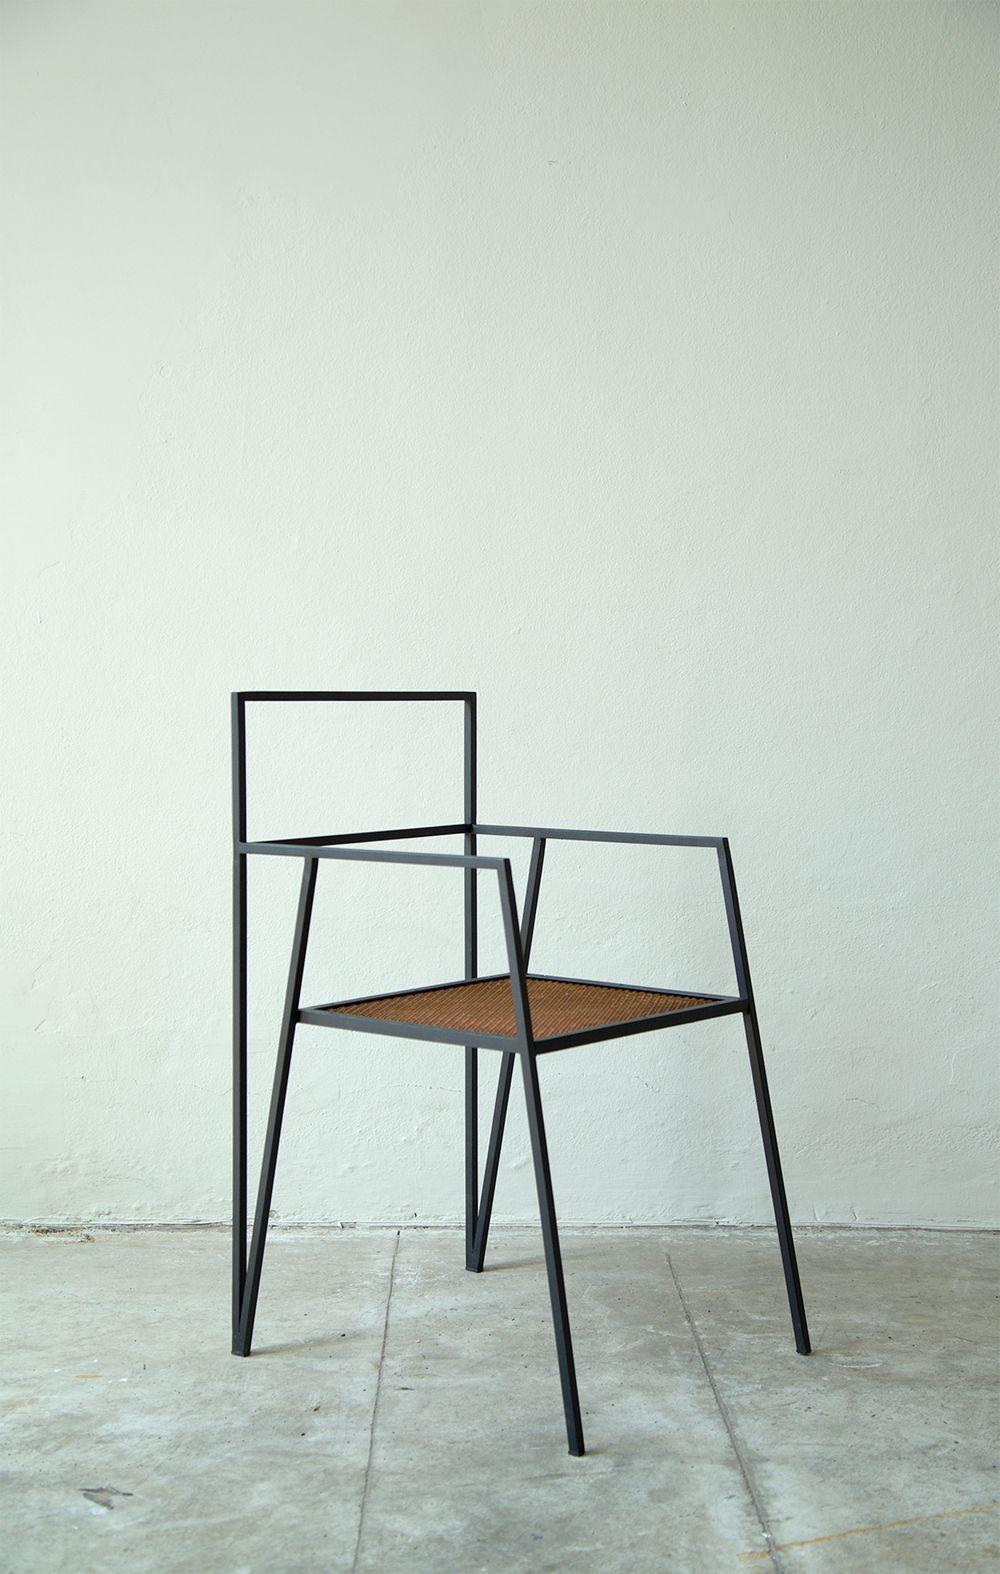 alpina besetzt den raum nicht als volumen sondern als. Black Bedroom Furniture Sets. Home Design Ideas